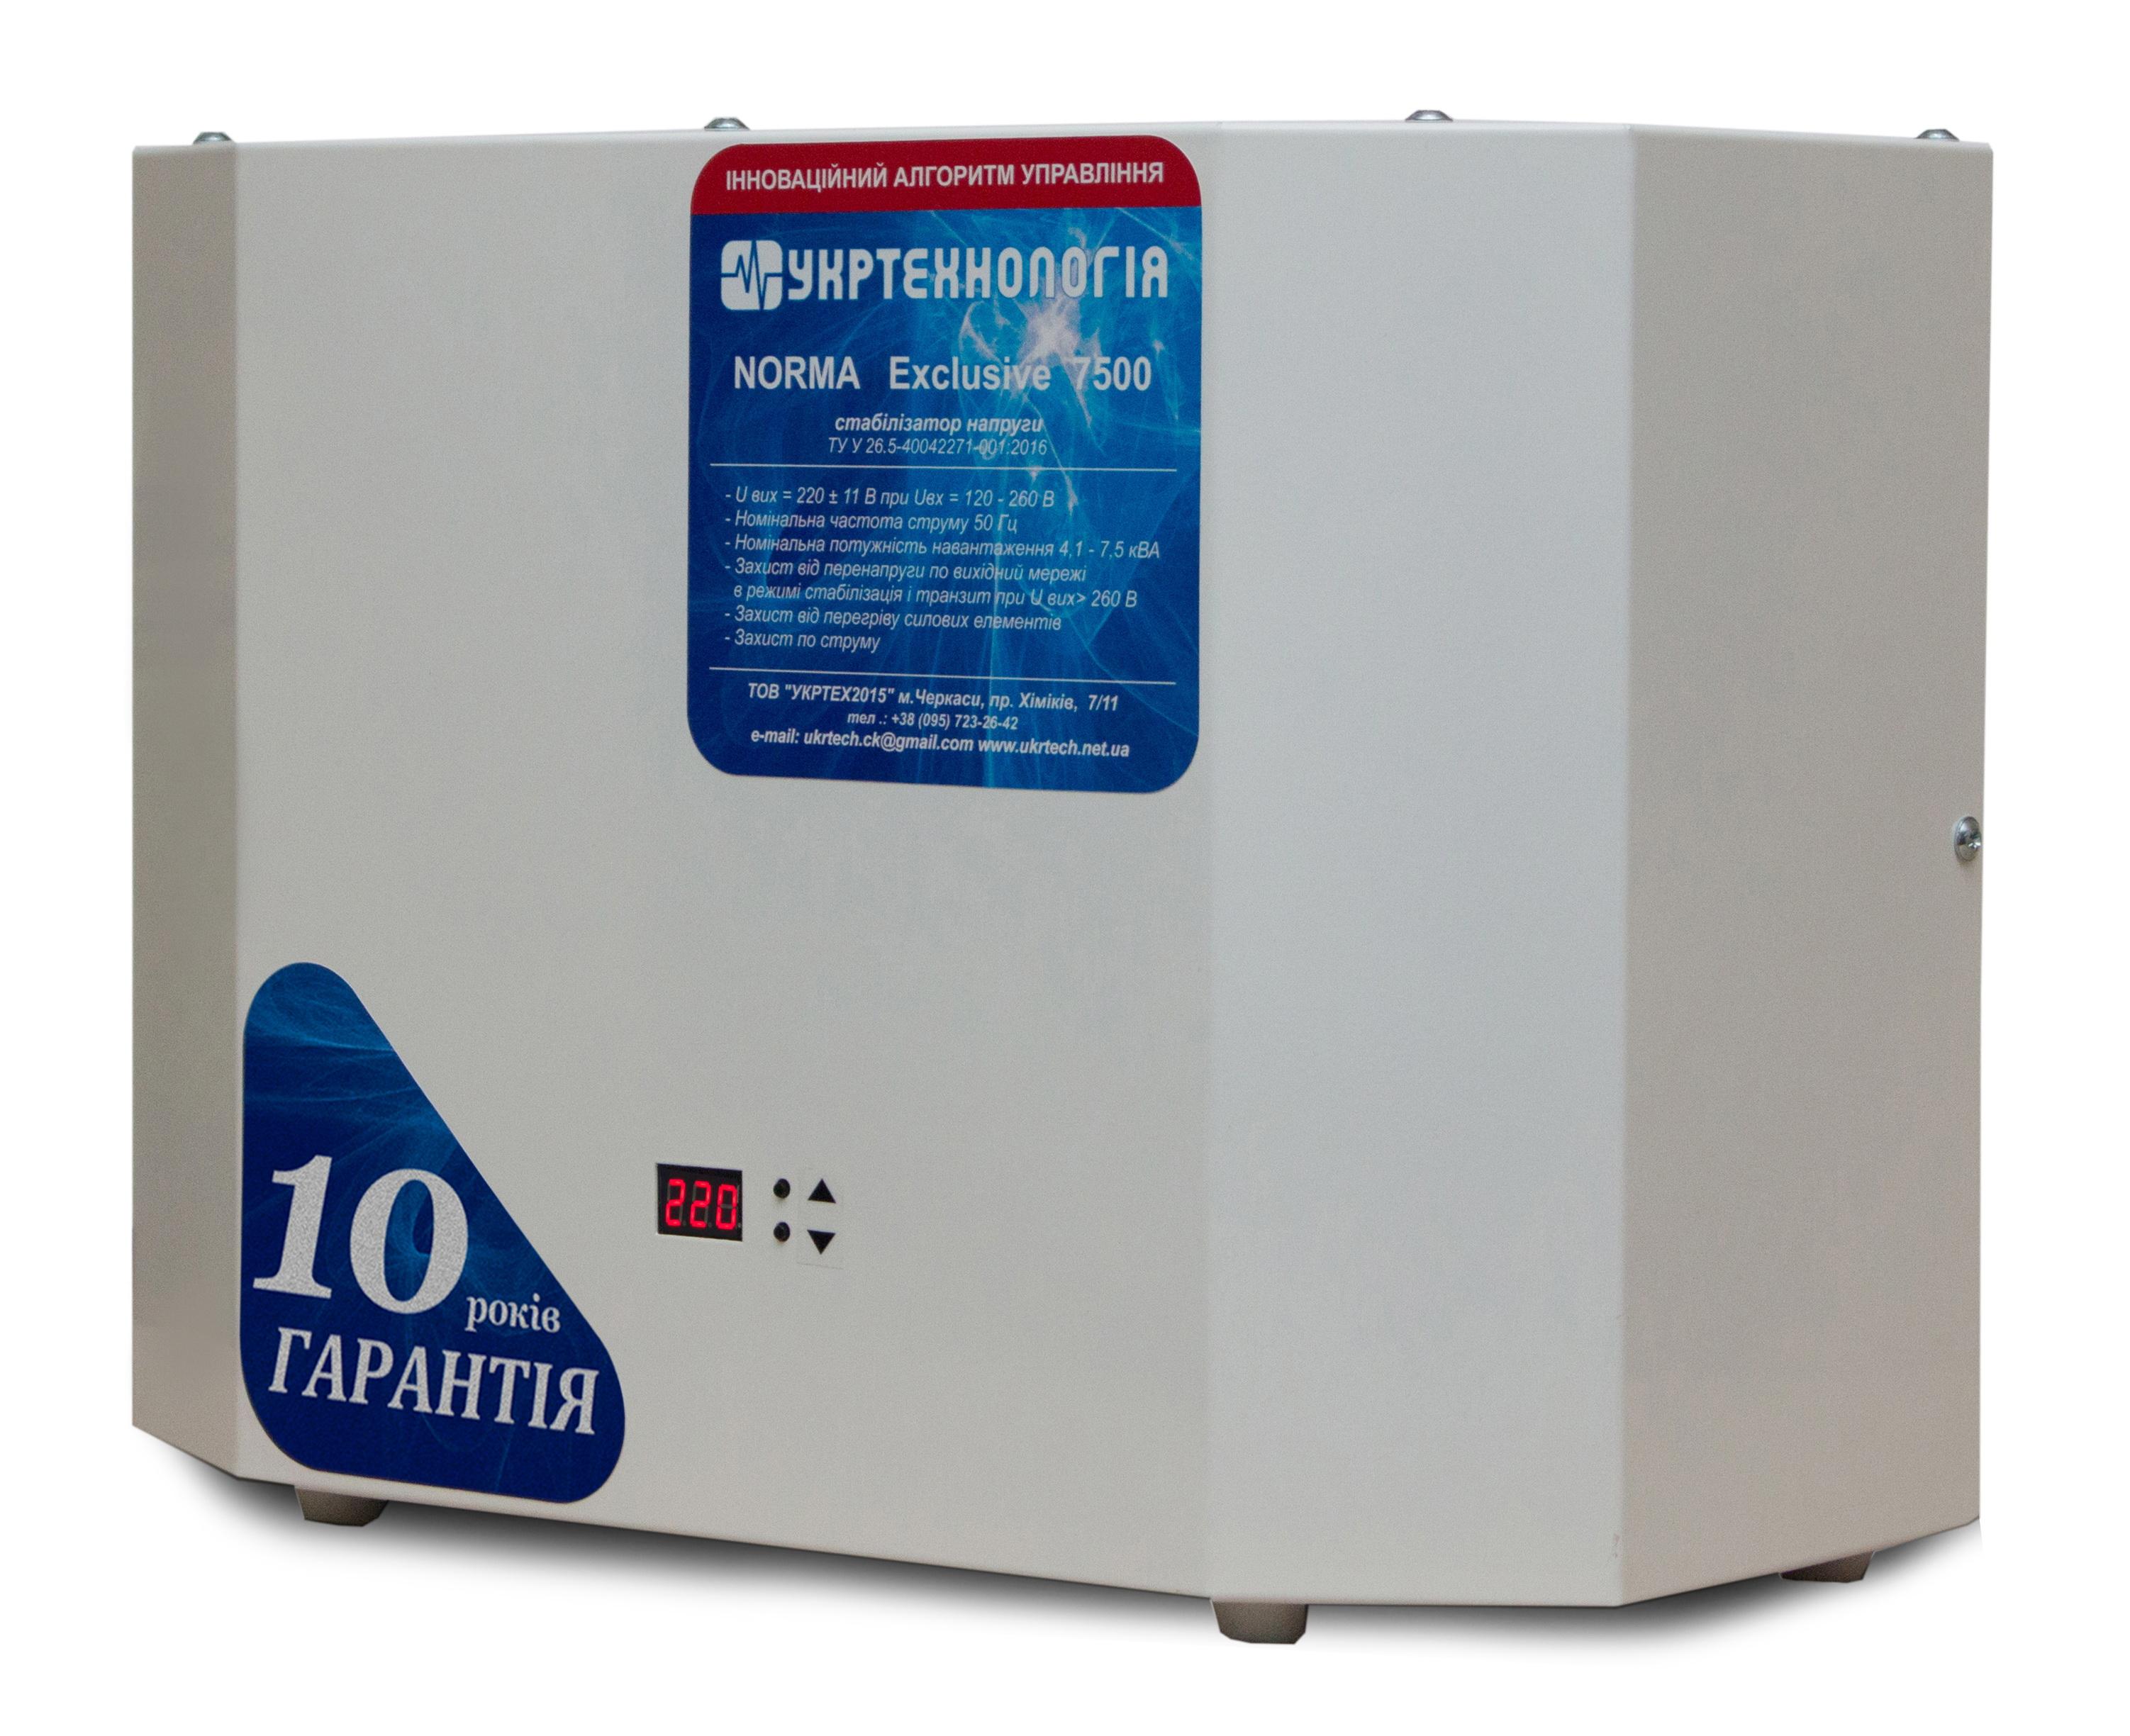 Стабилизатор напряжения 50 кв отличие инверторного сварочного аппарата от трансформаторного